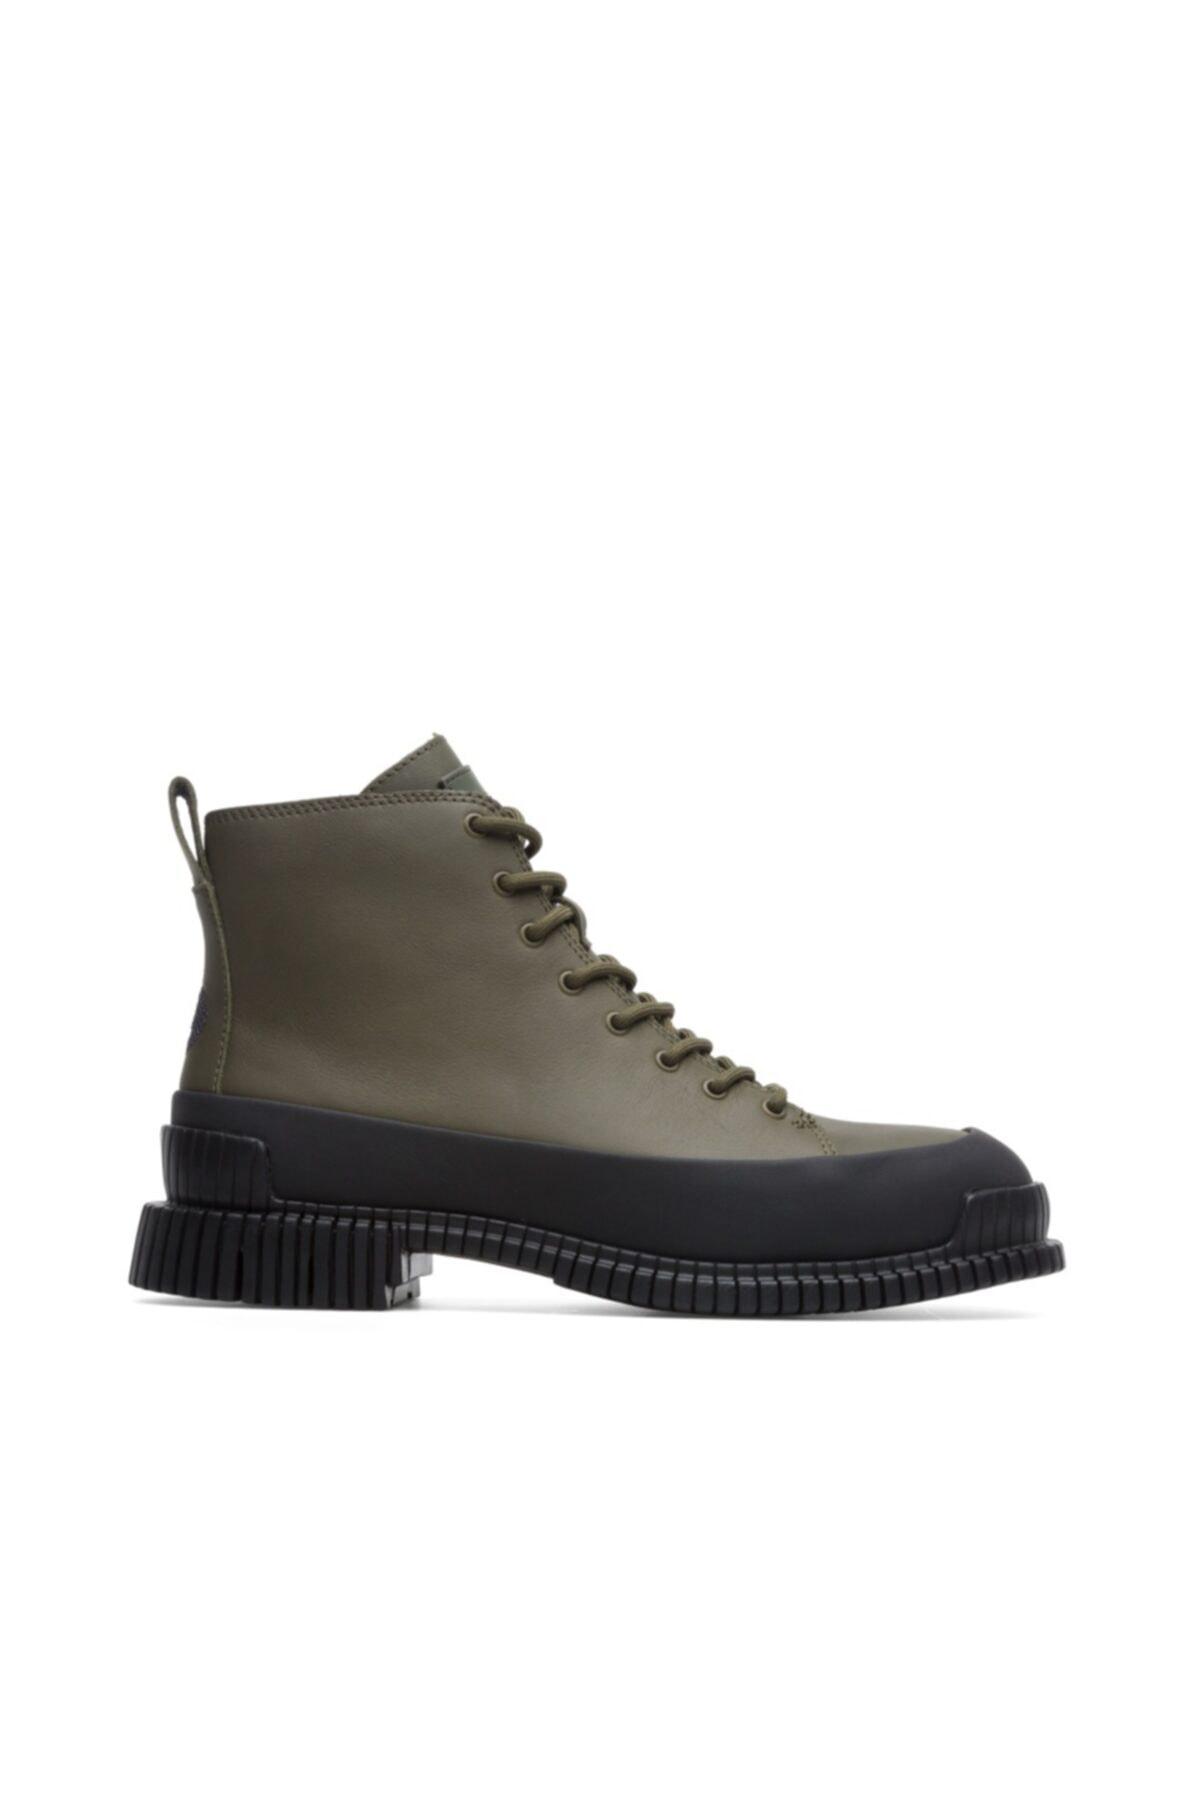 CAMPER Kadın Haki Pix Ayakkabı